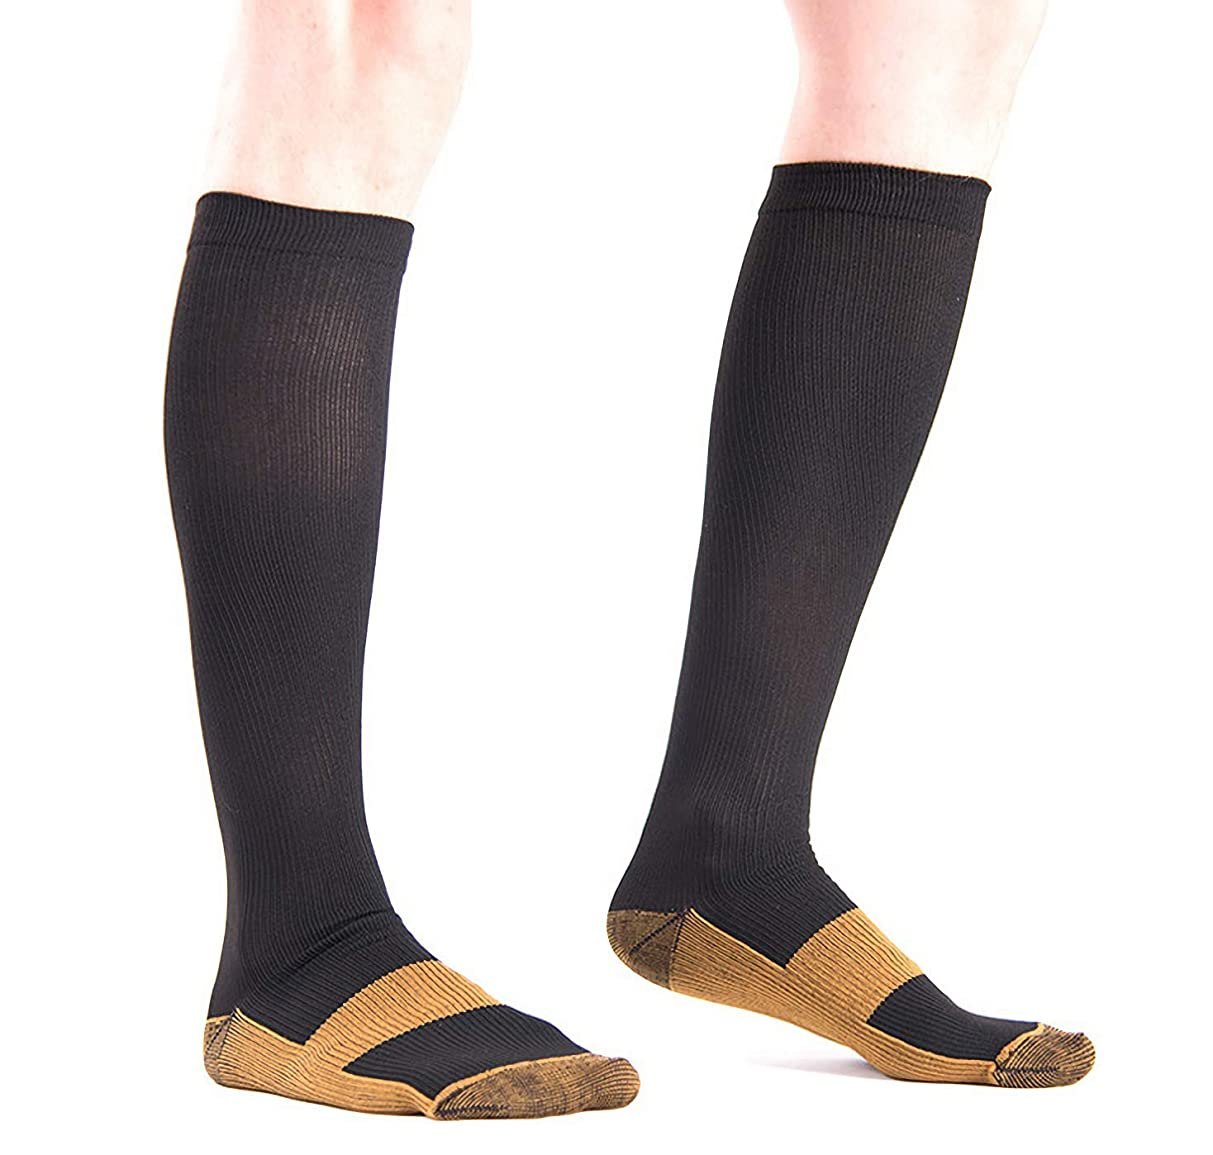 座るグロー次着圧ソックス 銅圧縮 コンプレッションソックス 膝下 抗疲労 男女兼用ユニセックス (XXL, ブラック)